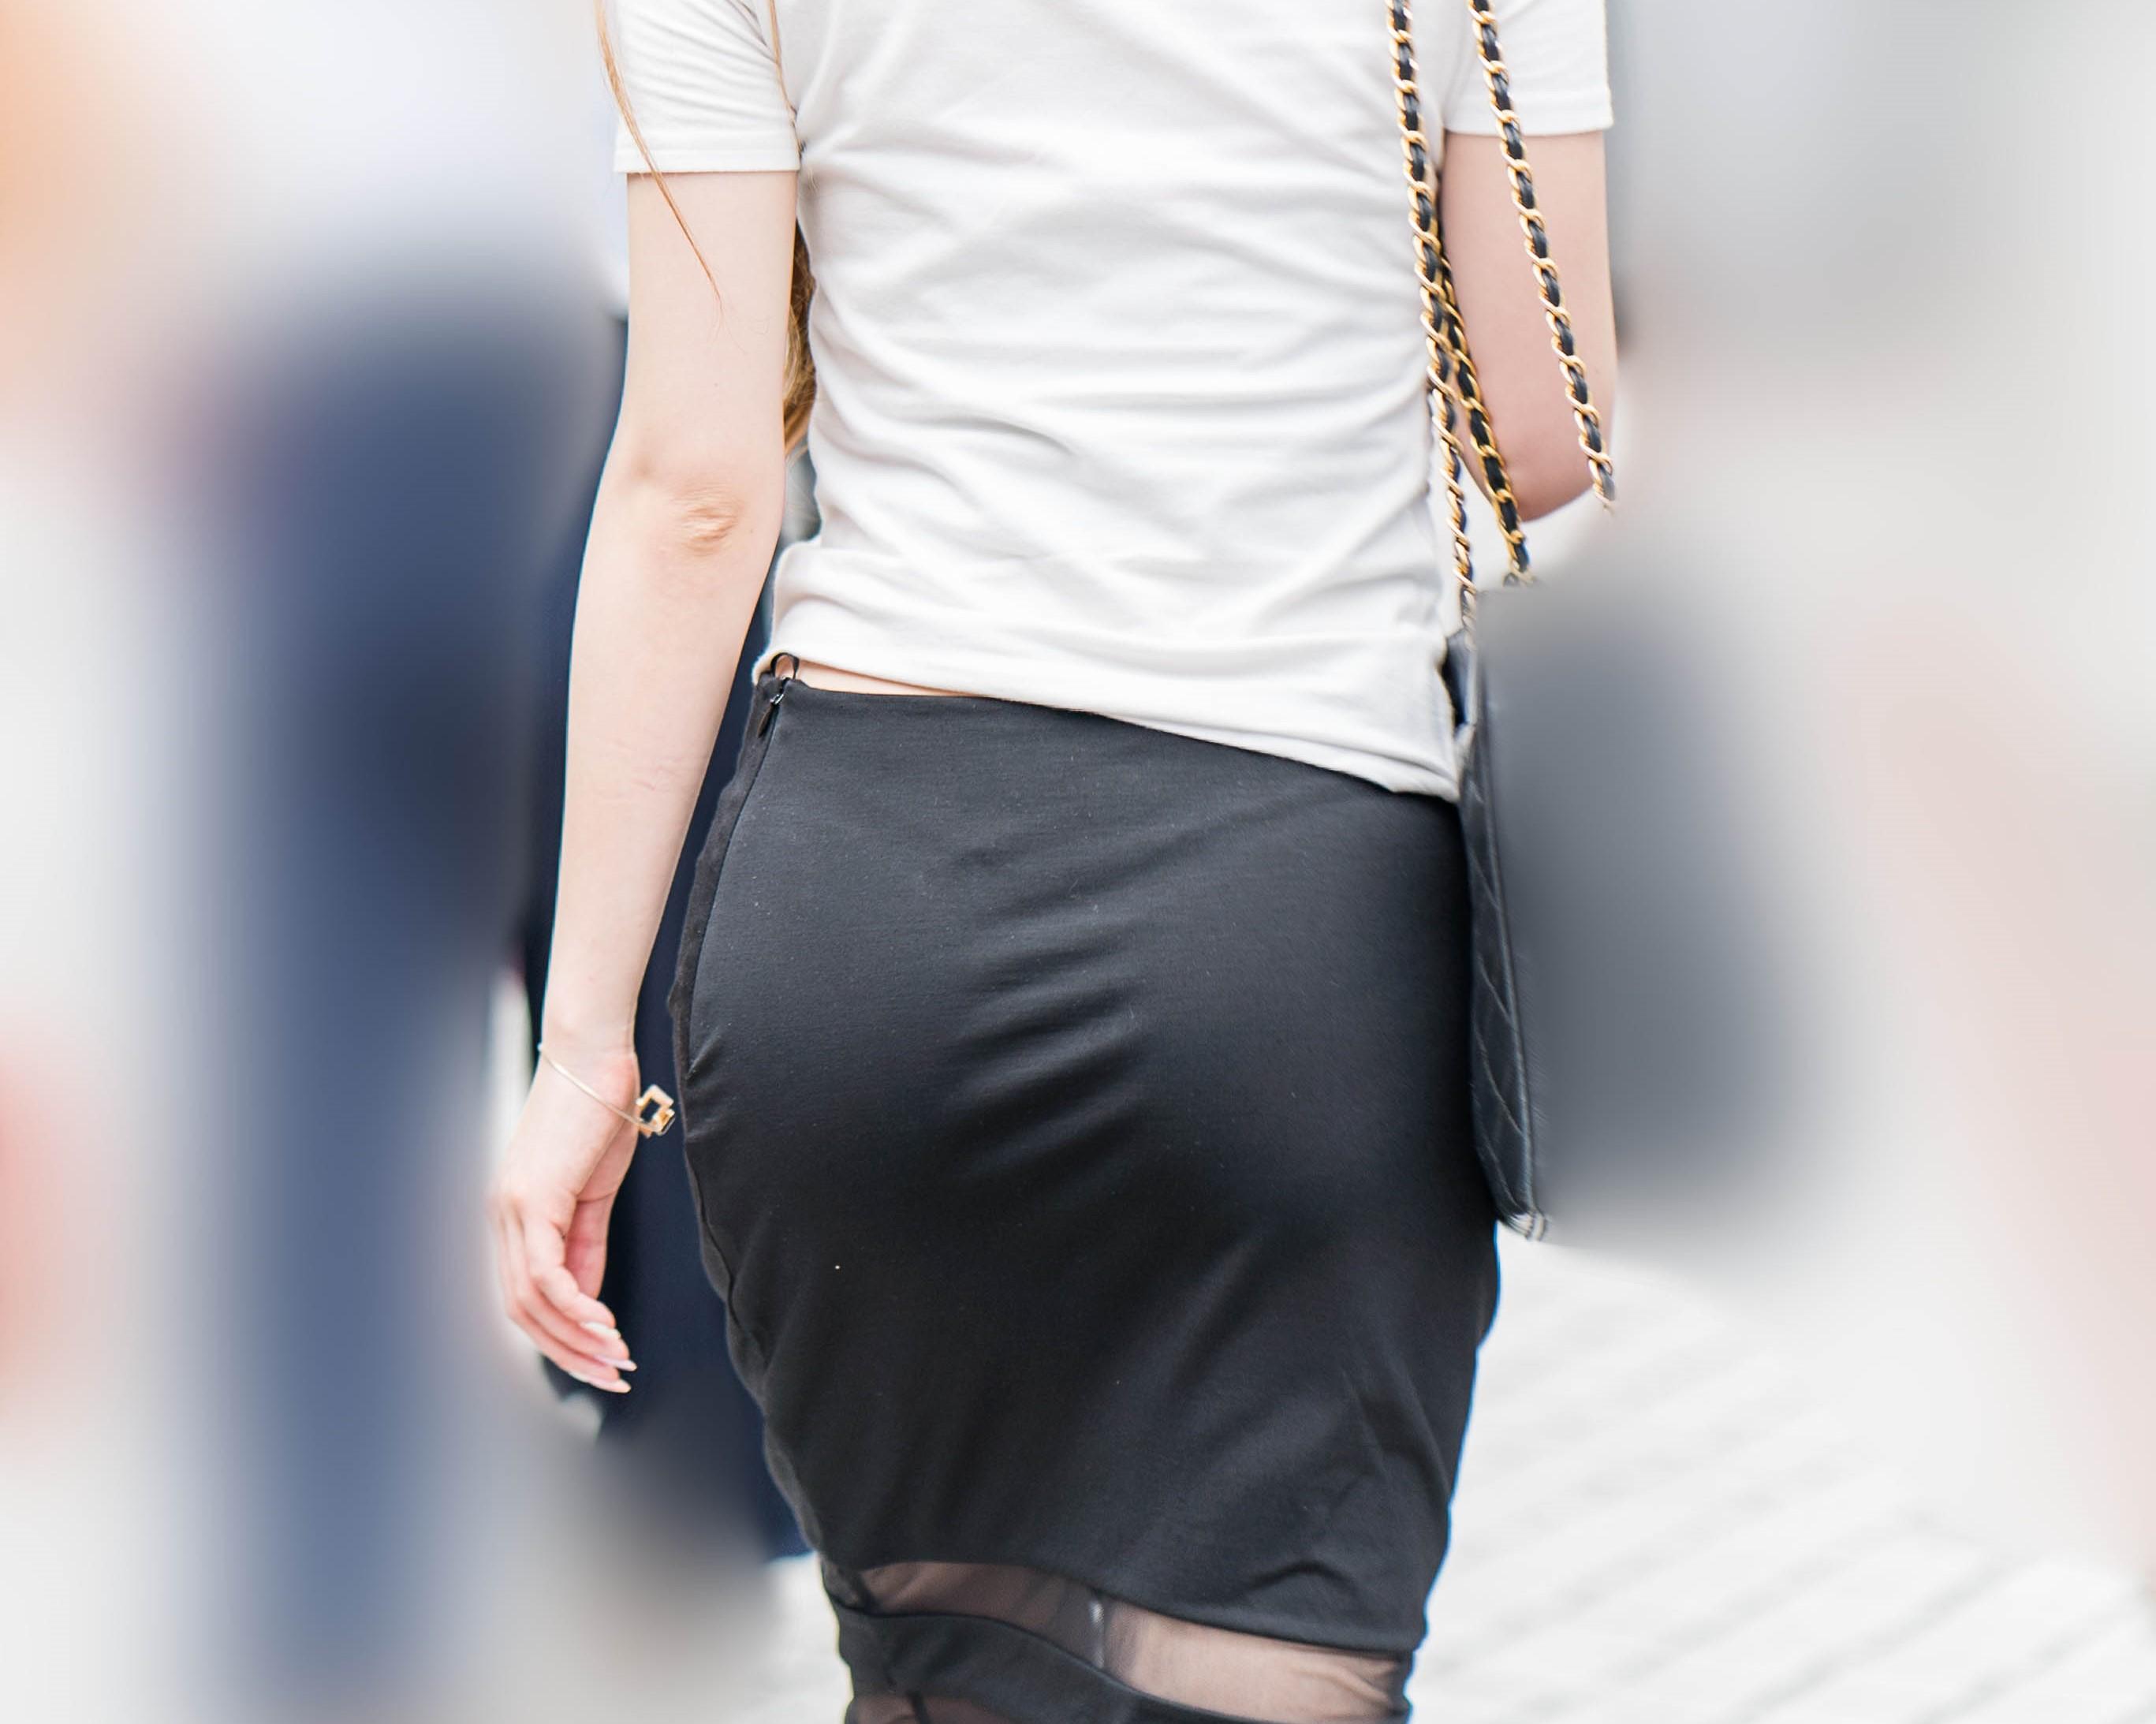 こりゃエロい!美尻にTバックを浮かべるタイトスカートのギャル!